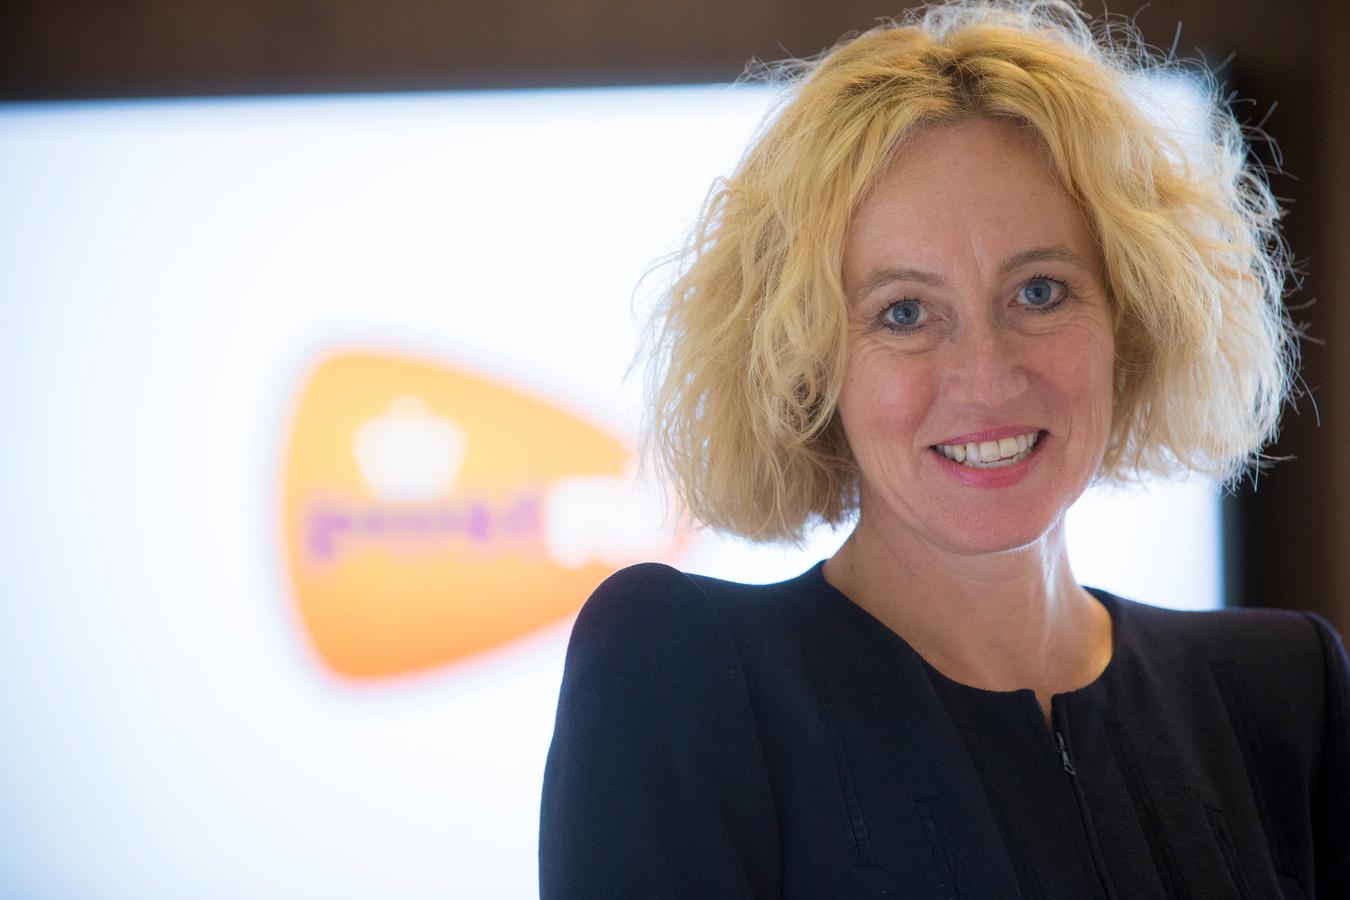 Herna Verhagen, ceo van PostNL. Het postbedrijf doet het goed qua aantal vrouwen op hoge managementposities.